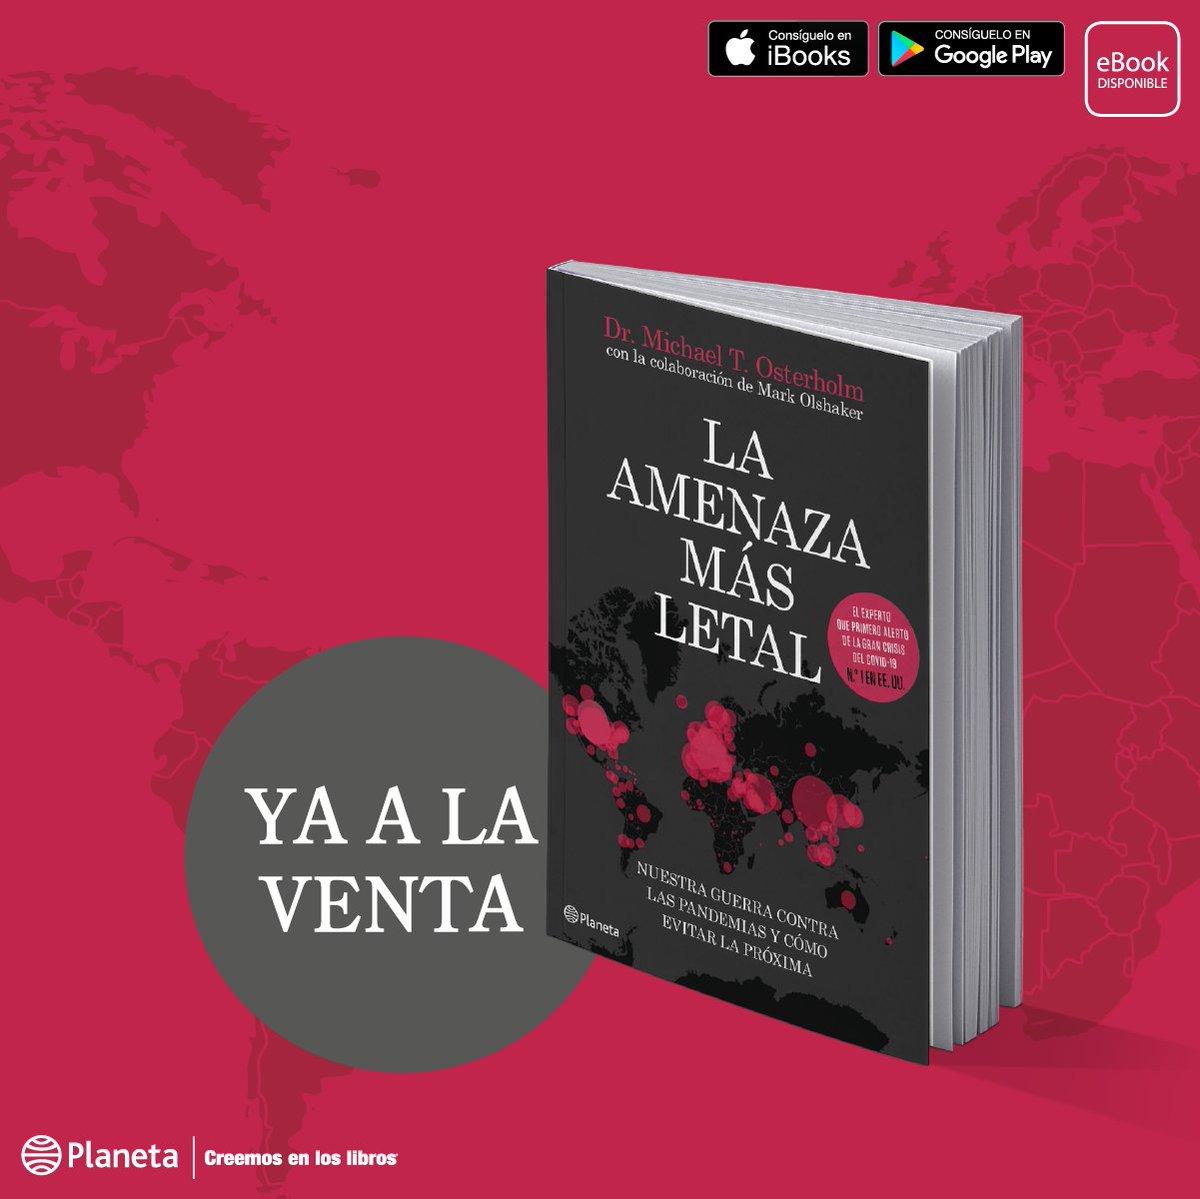 """Llega a Chile el libro que predijo la pandemia.  Encuentra en librerías, venta online y formato ebook: """"La amenaza más letal"""". #CreemosEnLosLibros #KeepReadingenCasa pic.twitter.com/pRQ7ffulYS"""